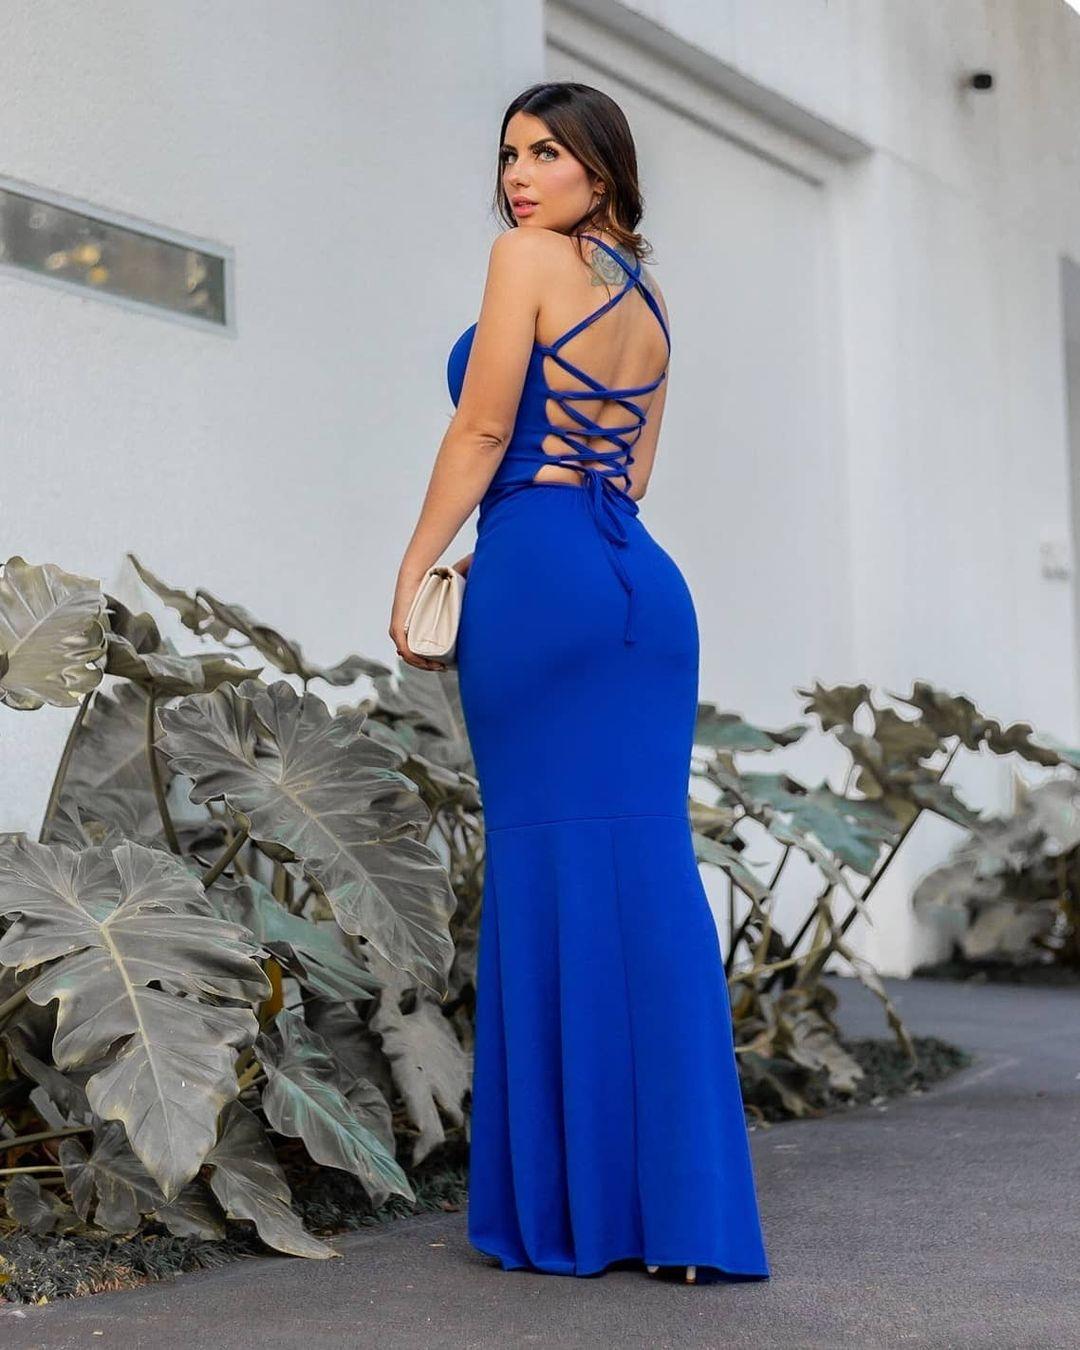 Vestido de Festa Longo decote trançado Azul